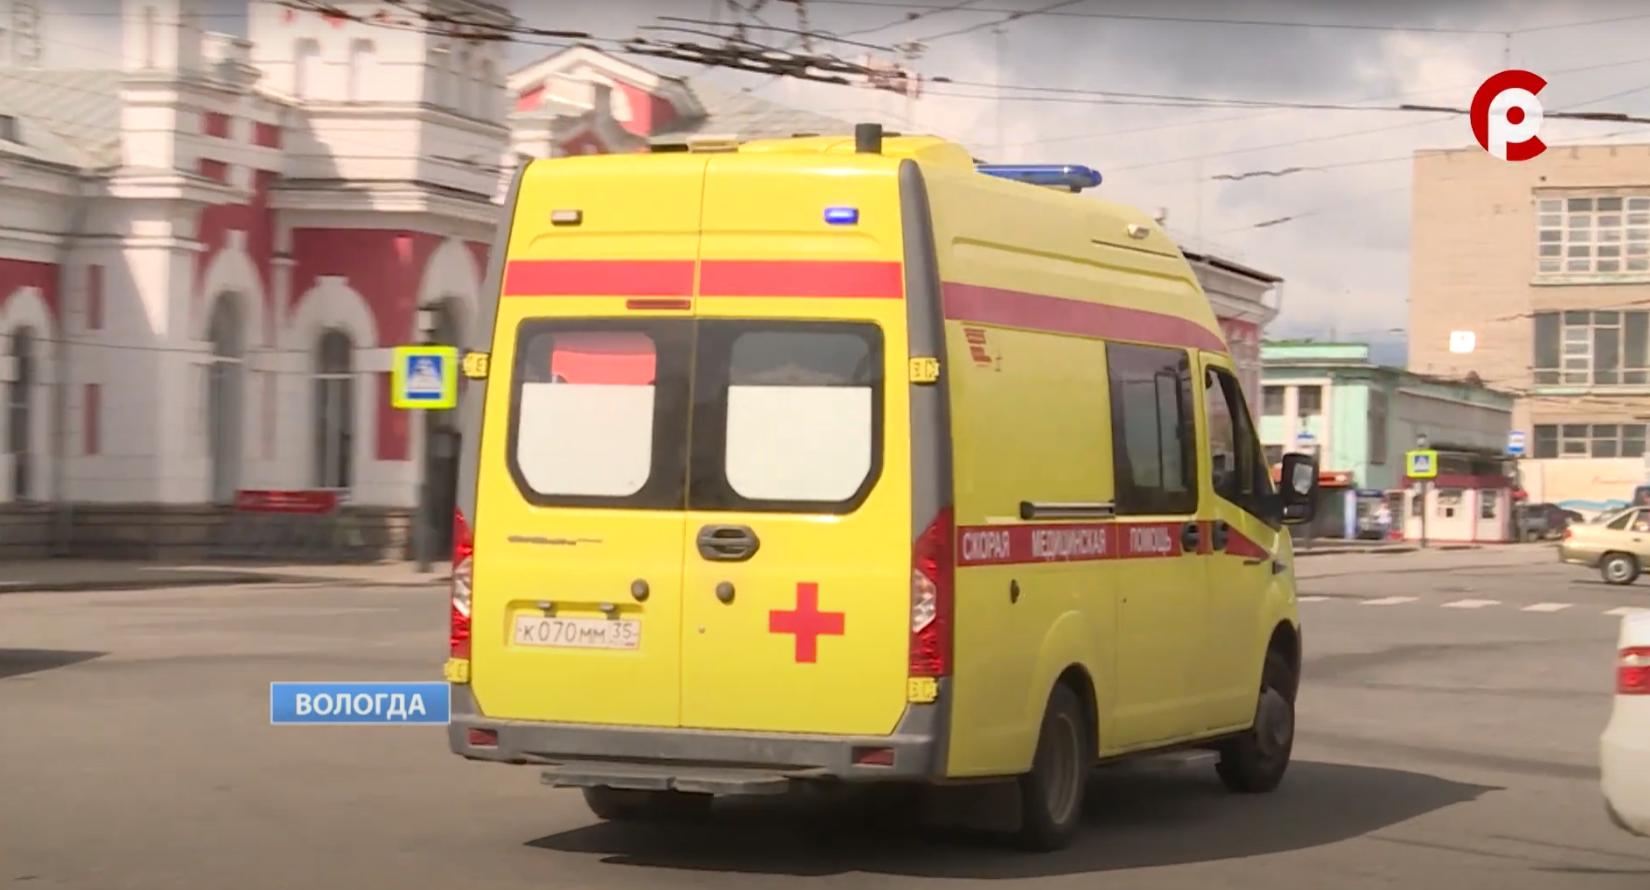 Бригада неотложной помощи в Вологде должна добраться до пострадавшего за 10 минут